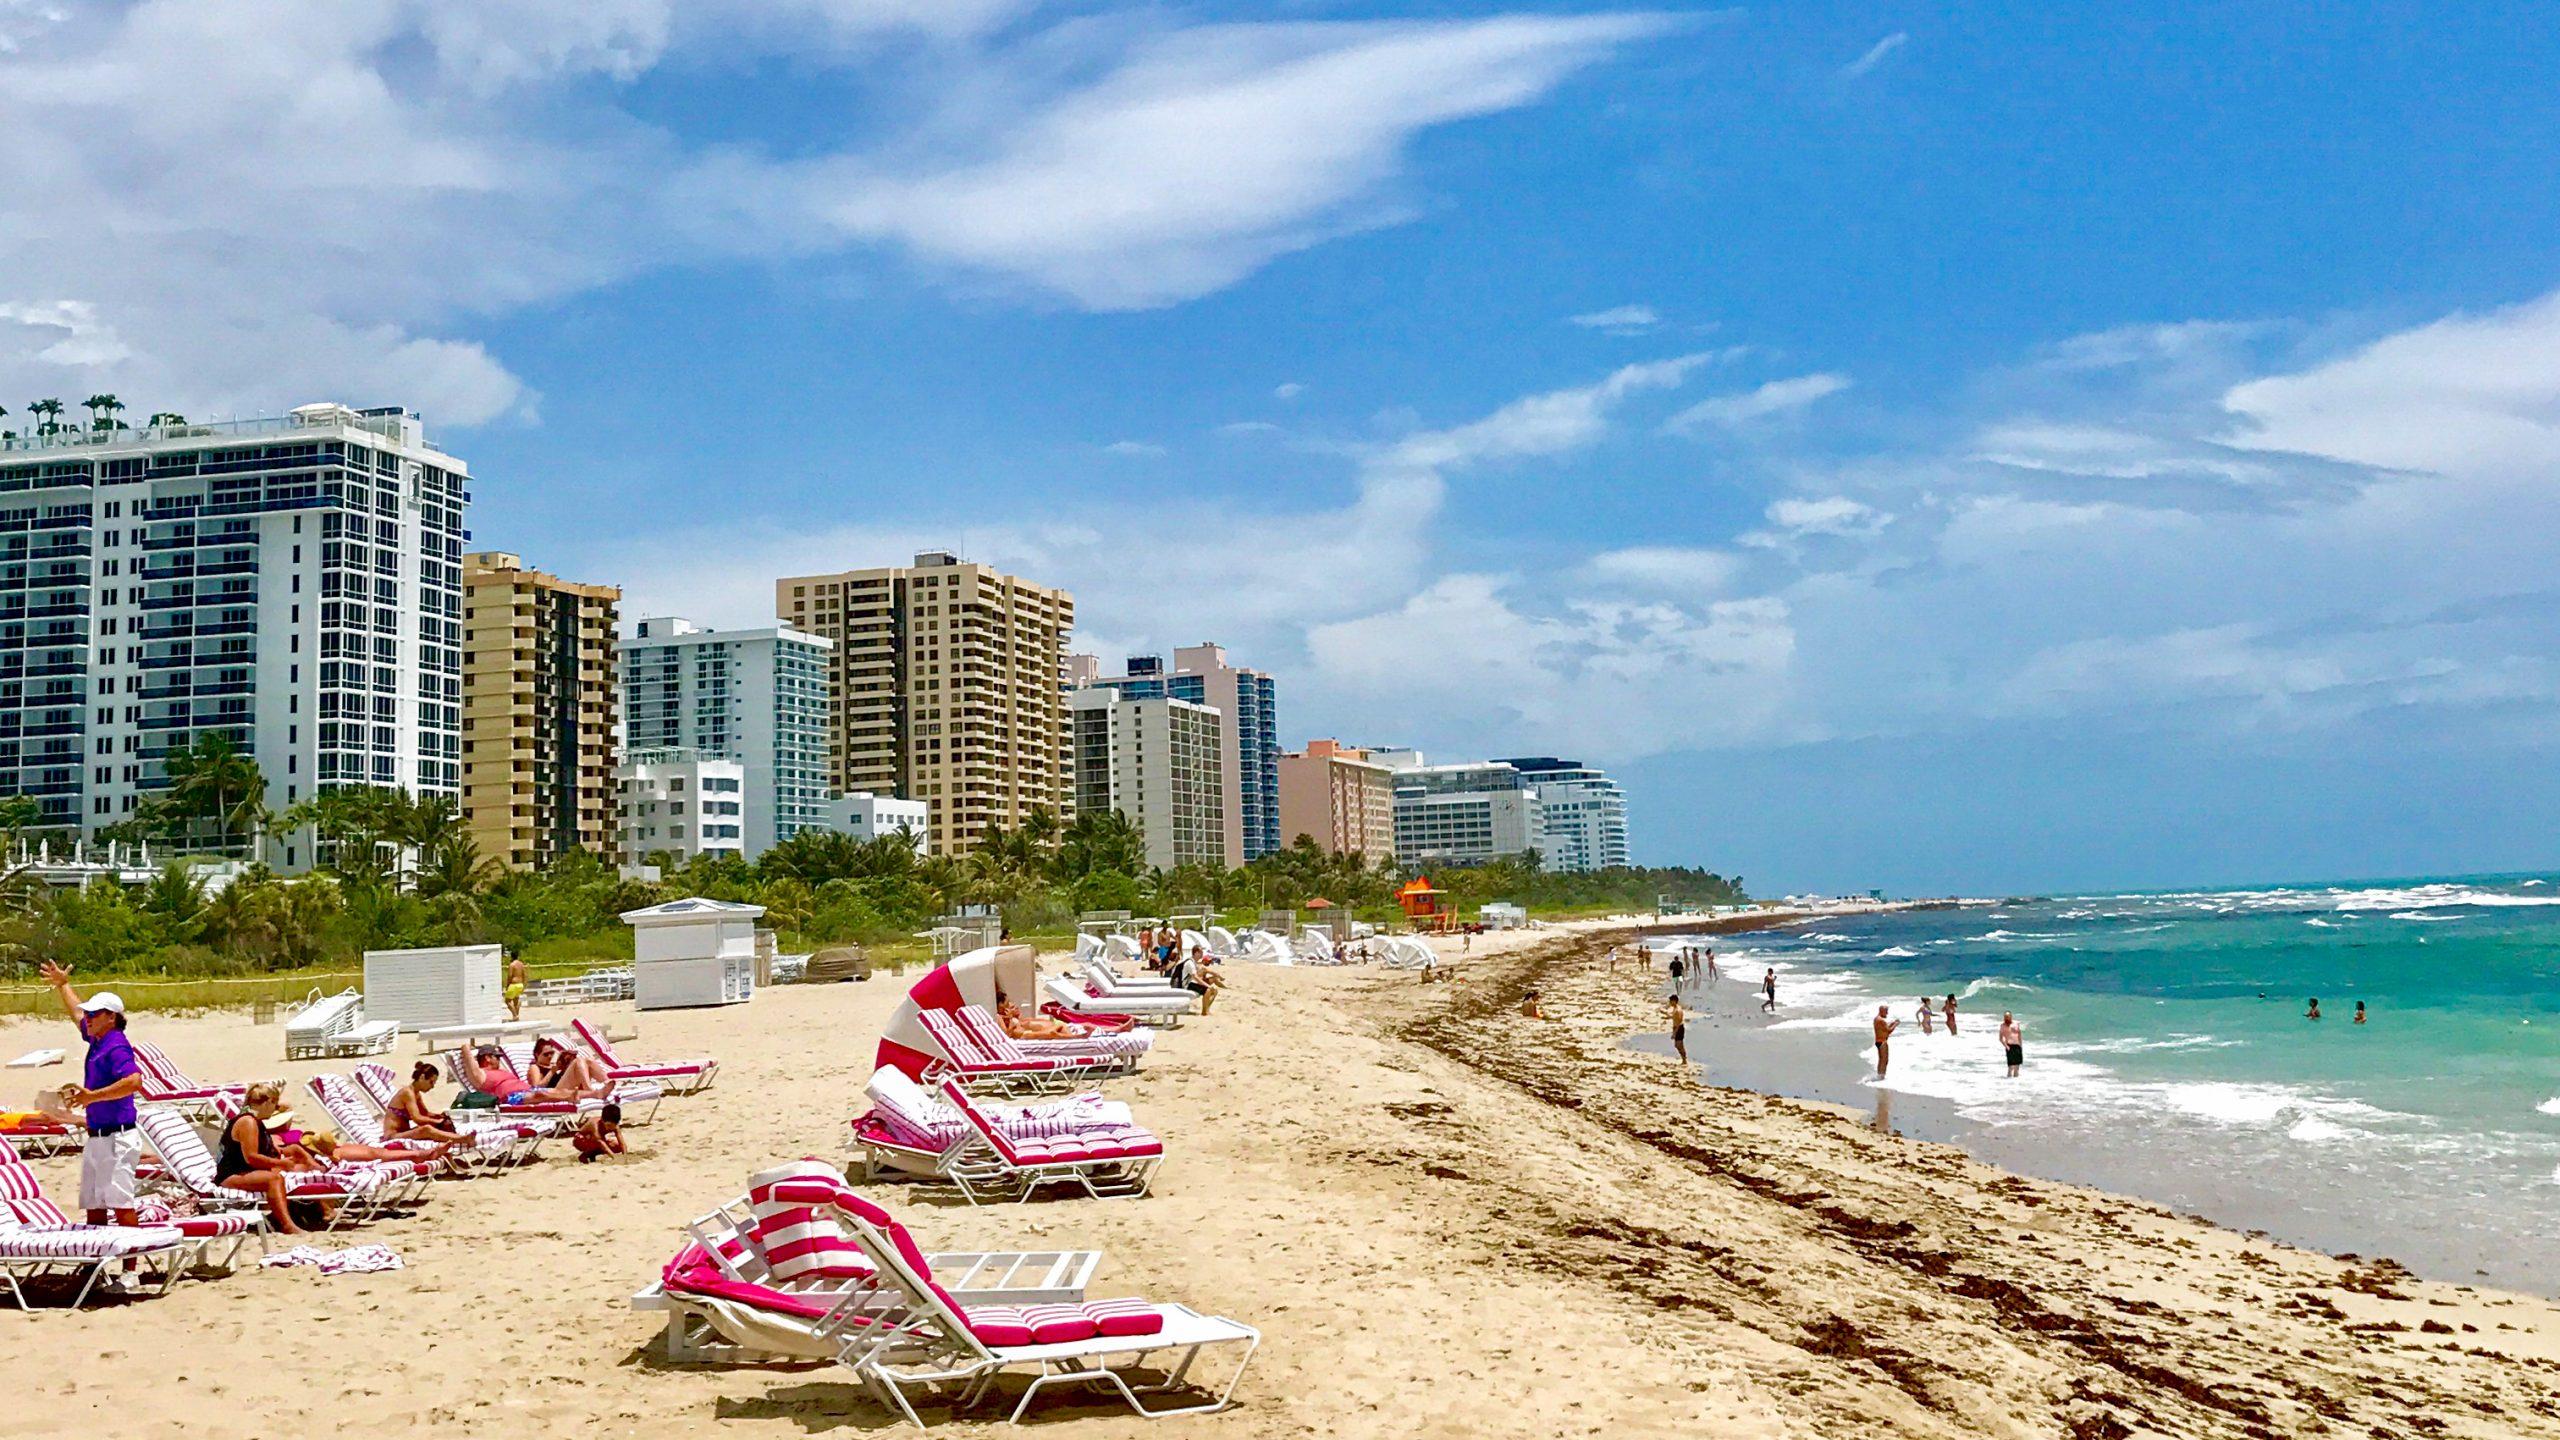 south beach 1 scaled - Miami Beach ve Hayatın Tadına Varmanın 7 Farklı Yolu